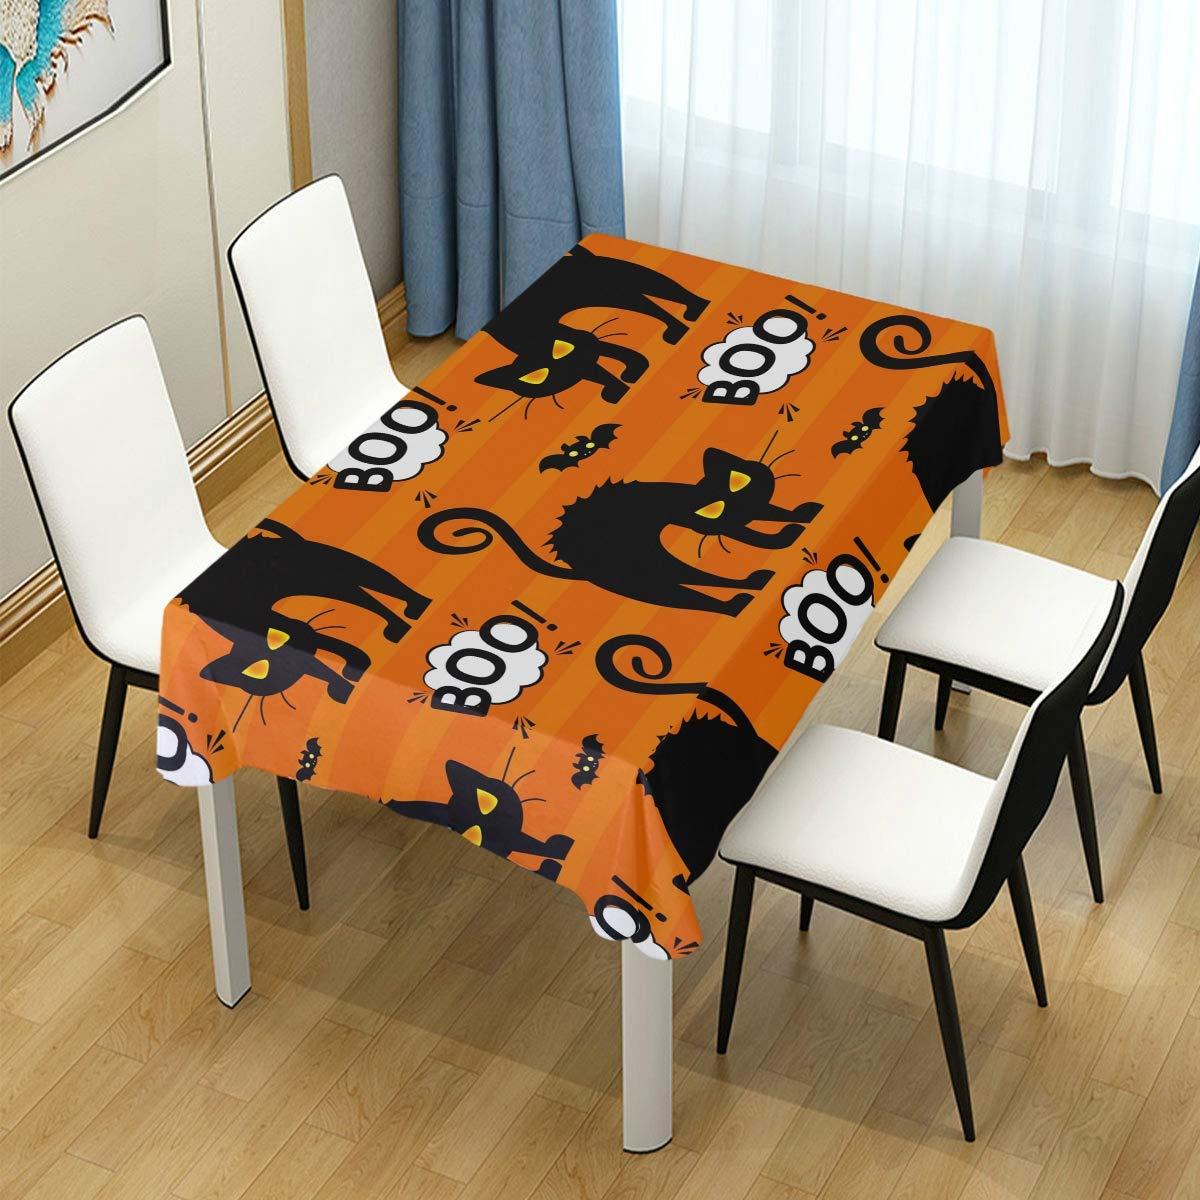 Arredamento Feste Dxg1 Tovaglia Arancione Per Tavolo Da Pranzo Interni Ed Esterni Decorazione Per Cucina Patio Casa E Cucina Visonic In